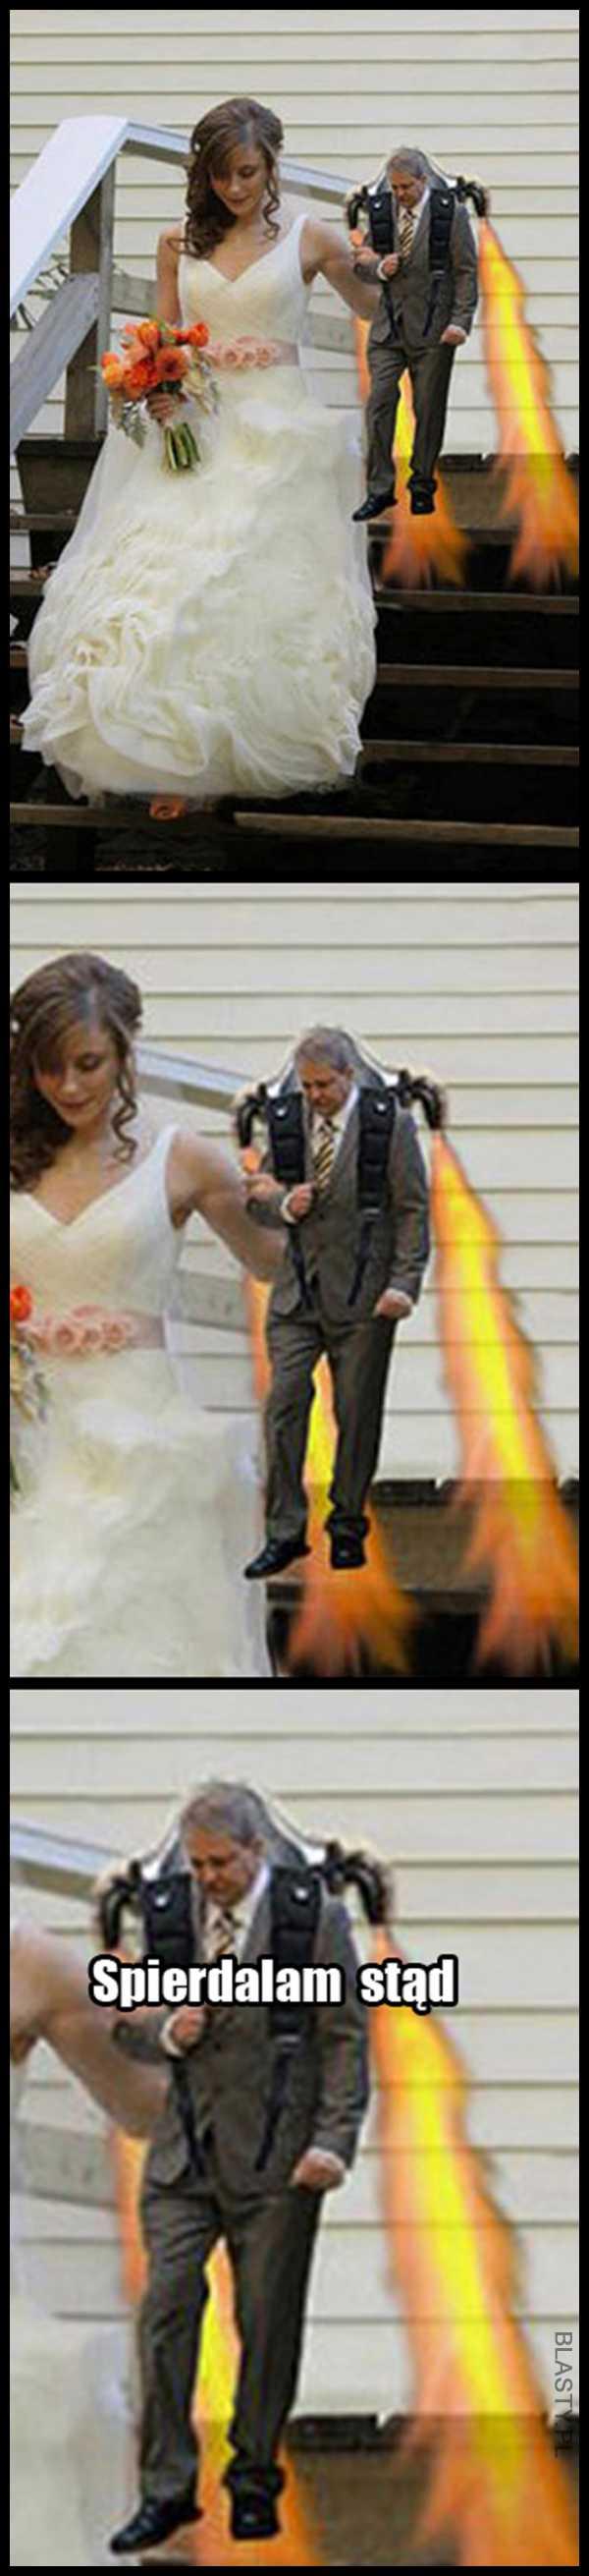 Rozmyślił się i uciekł z własnego ślubu